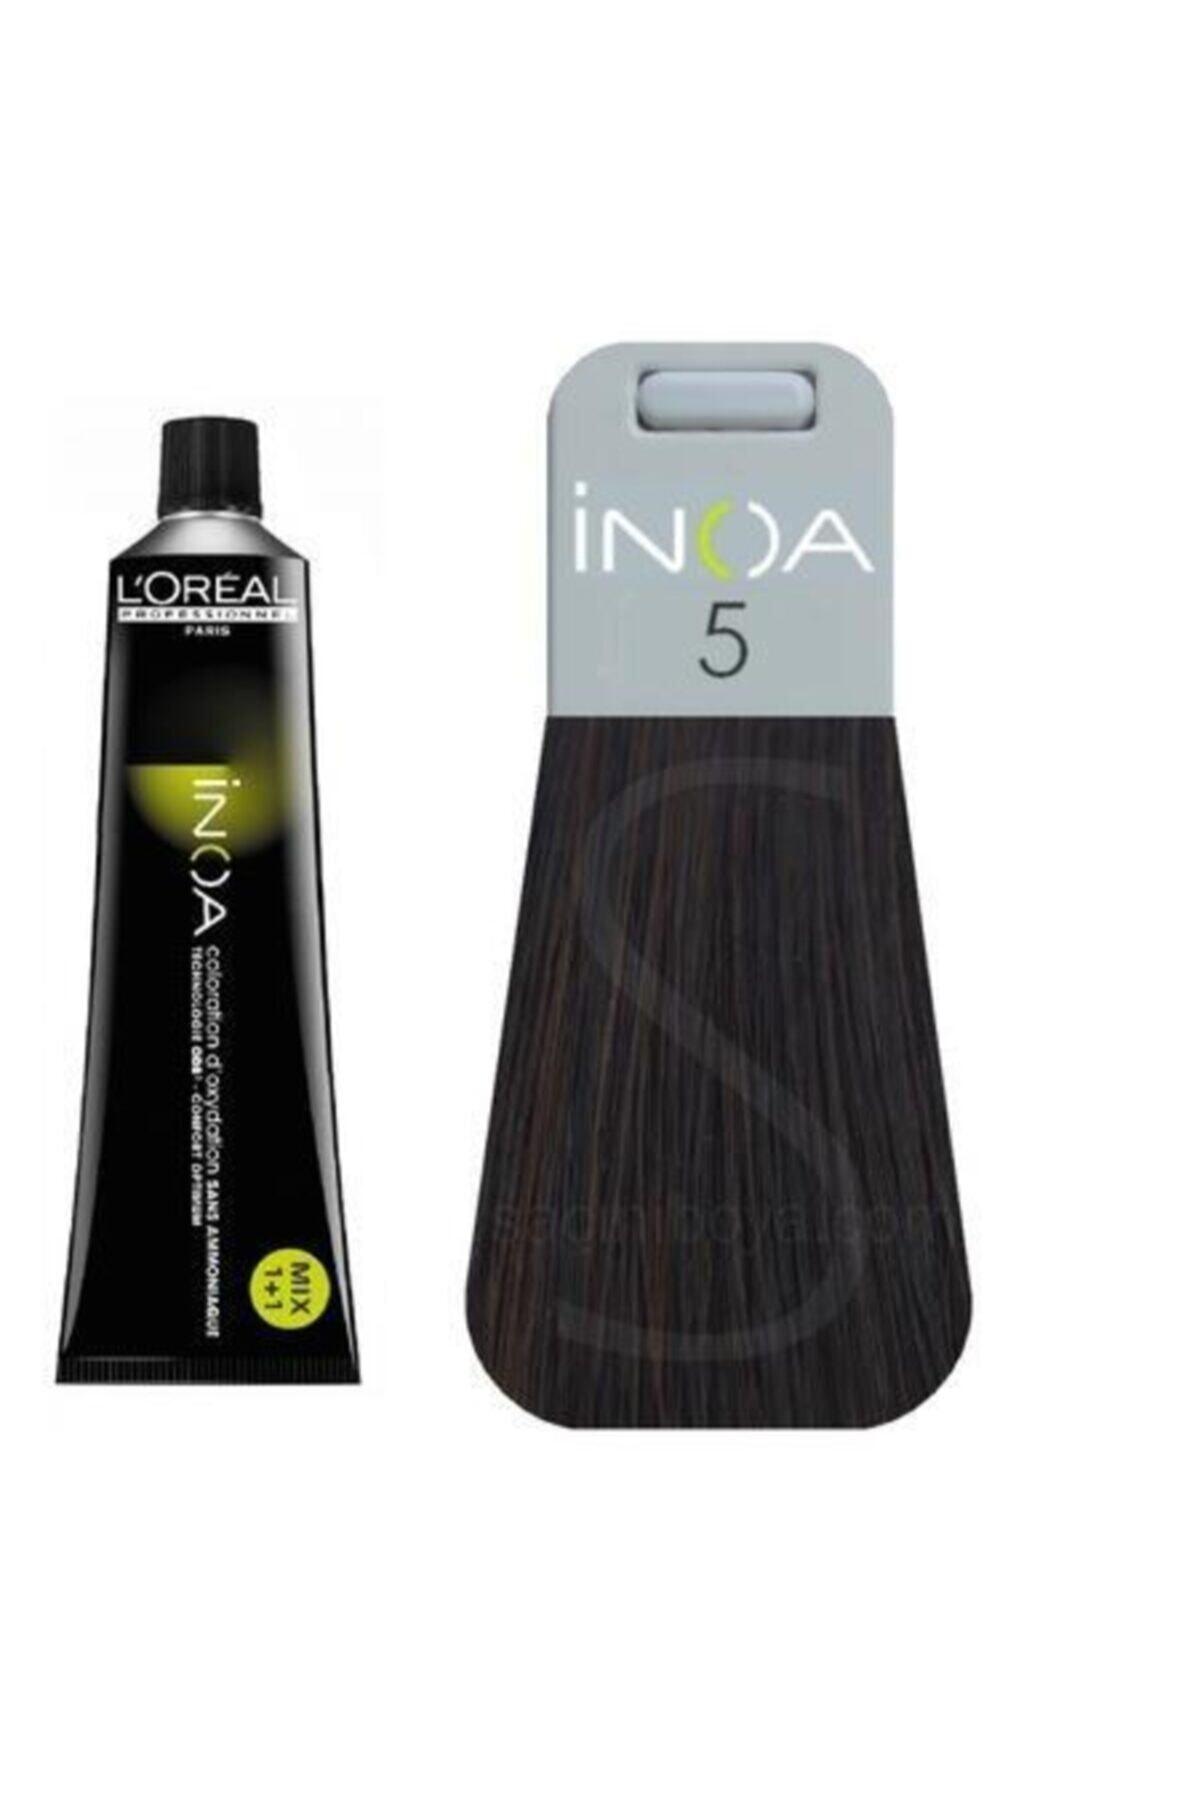 İNOA Inoa Saç Boyası 5 Açık Kestane 3474630413641 (OKSİDANSIZ) 1